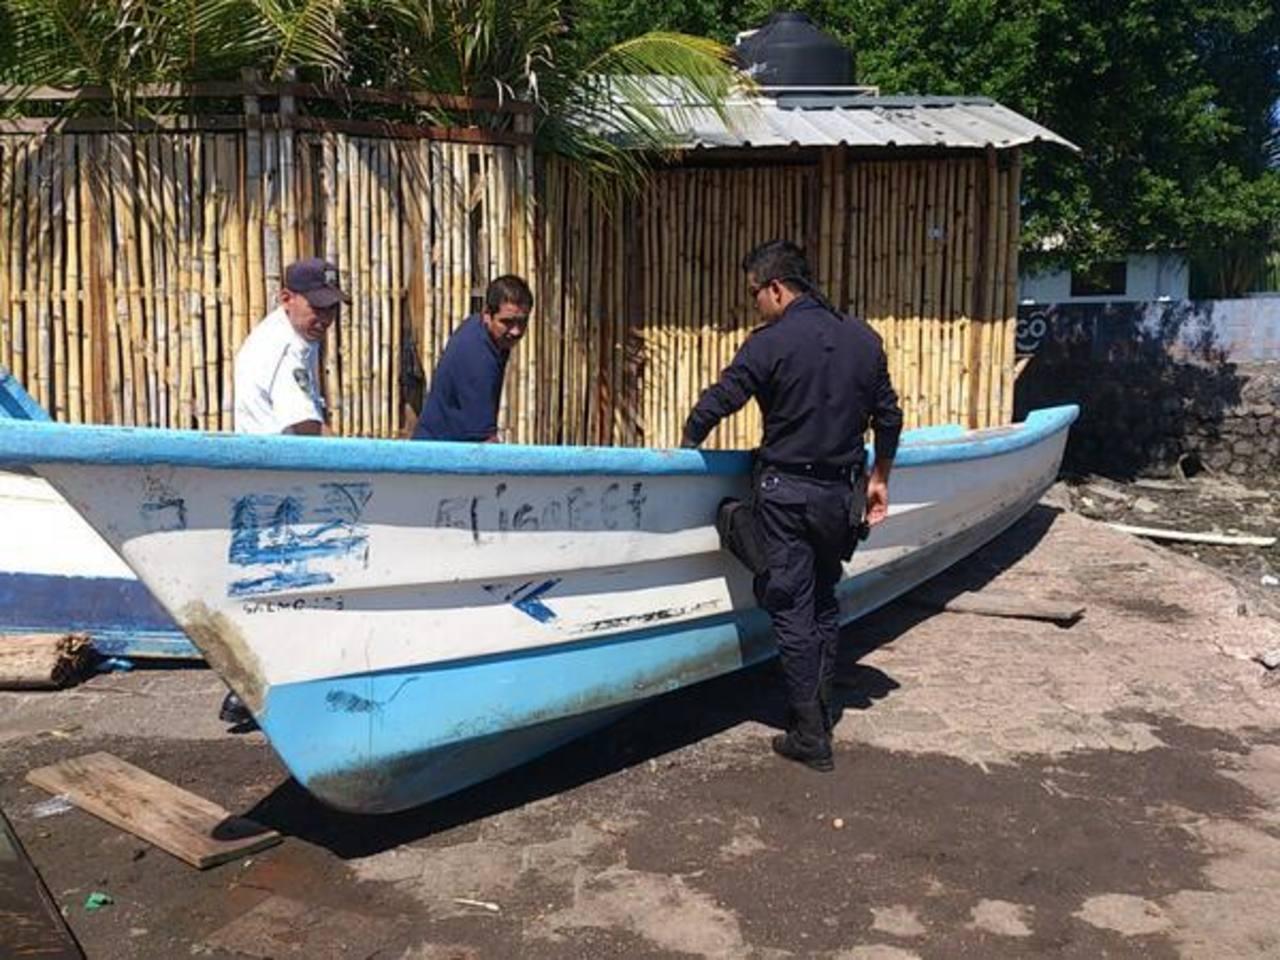 La lancha incautada fue trasladada al embarcadero Los Coquitos, detallaron las autoridades. Foto vía Twitter Insy Mendoza